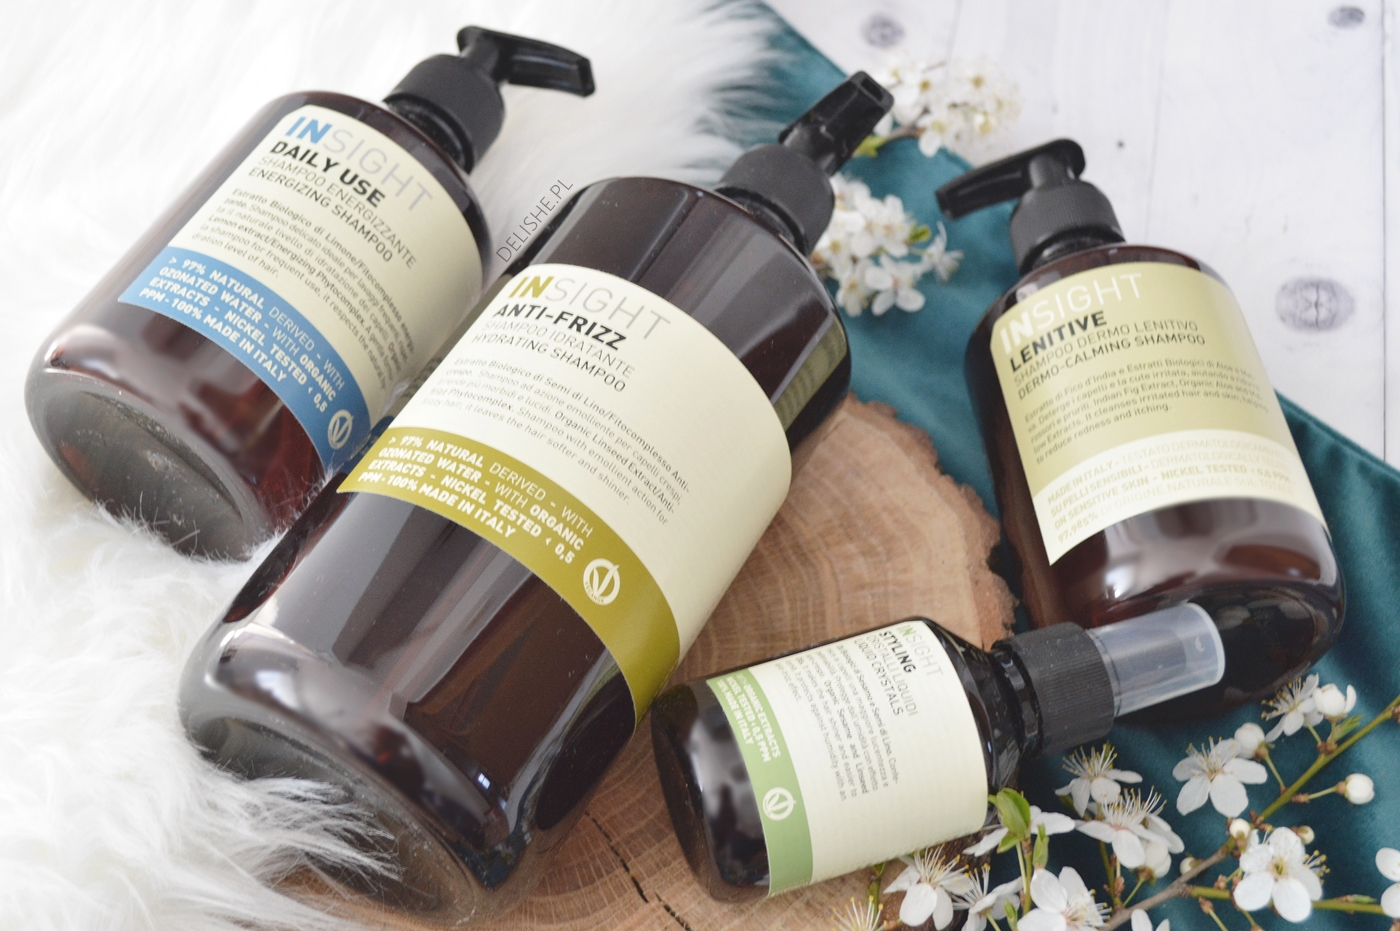 naturalne szampony do włosów Insight